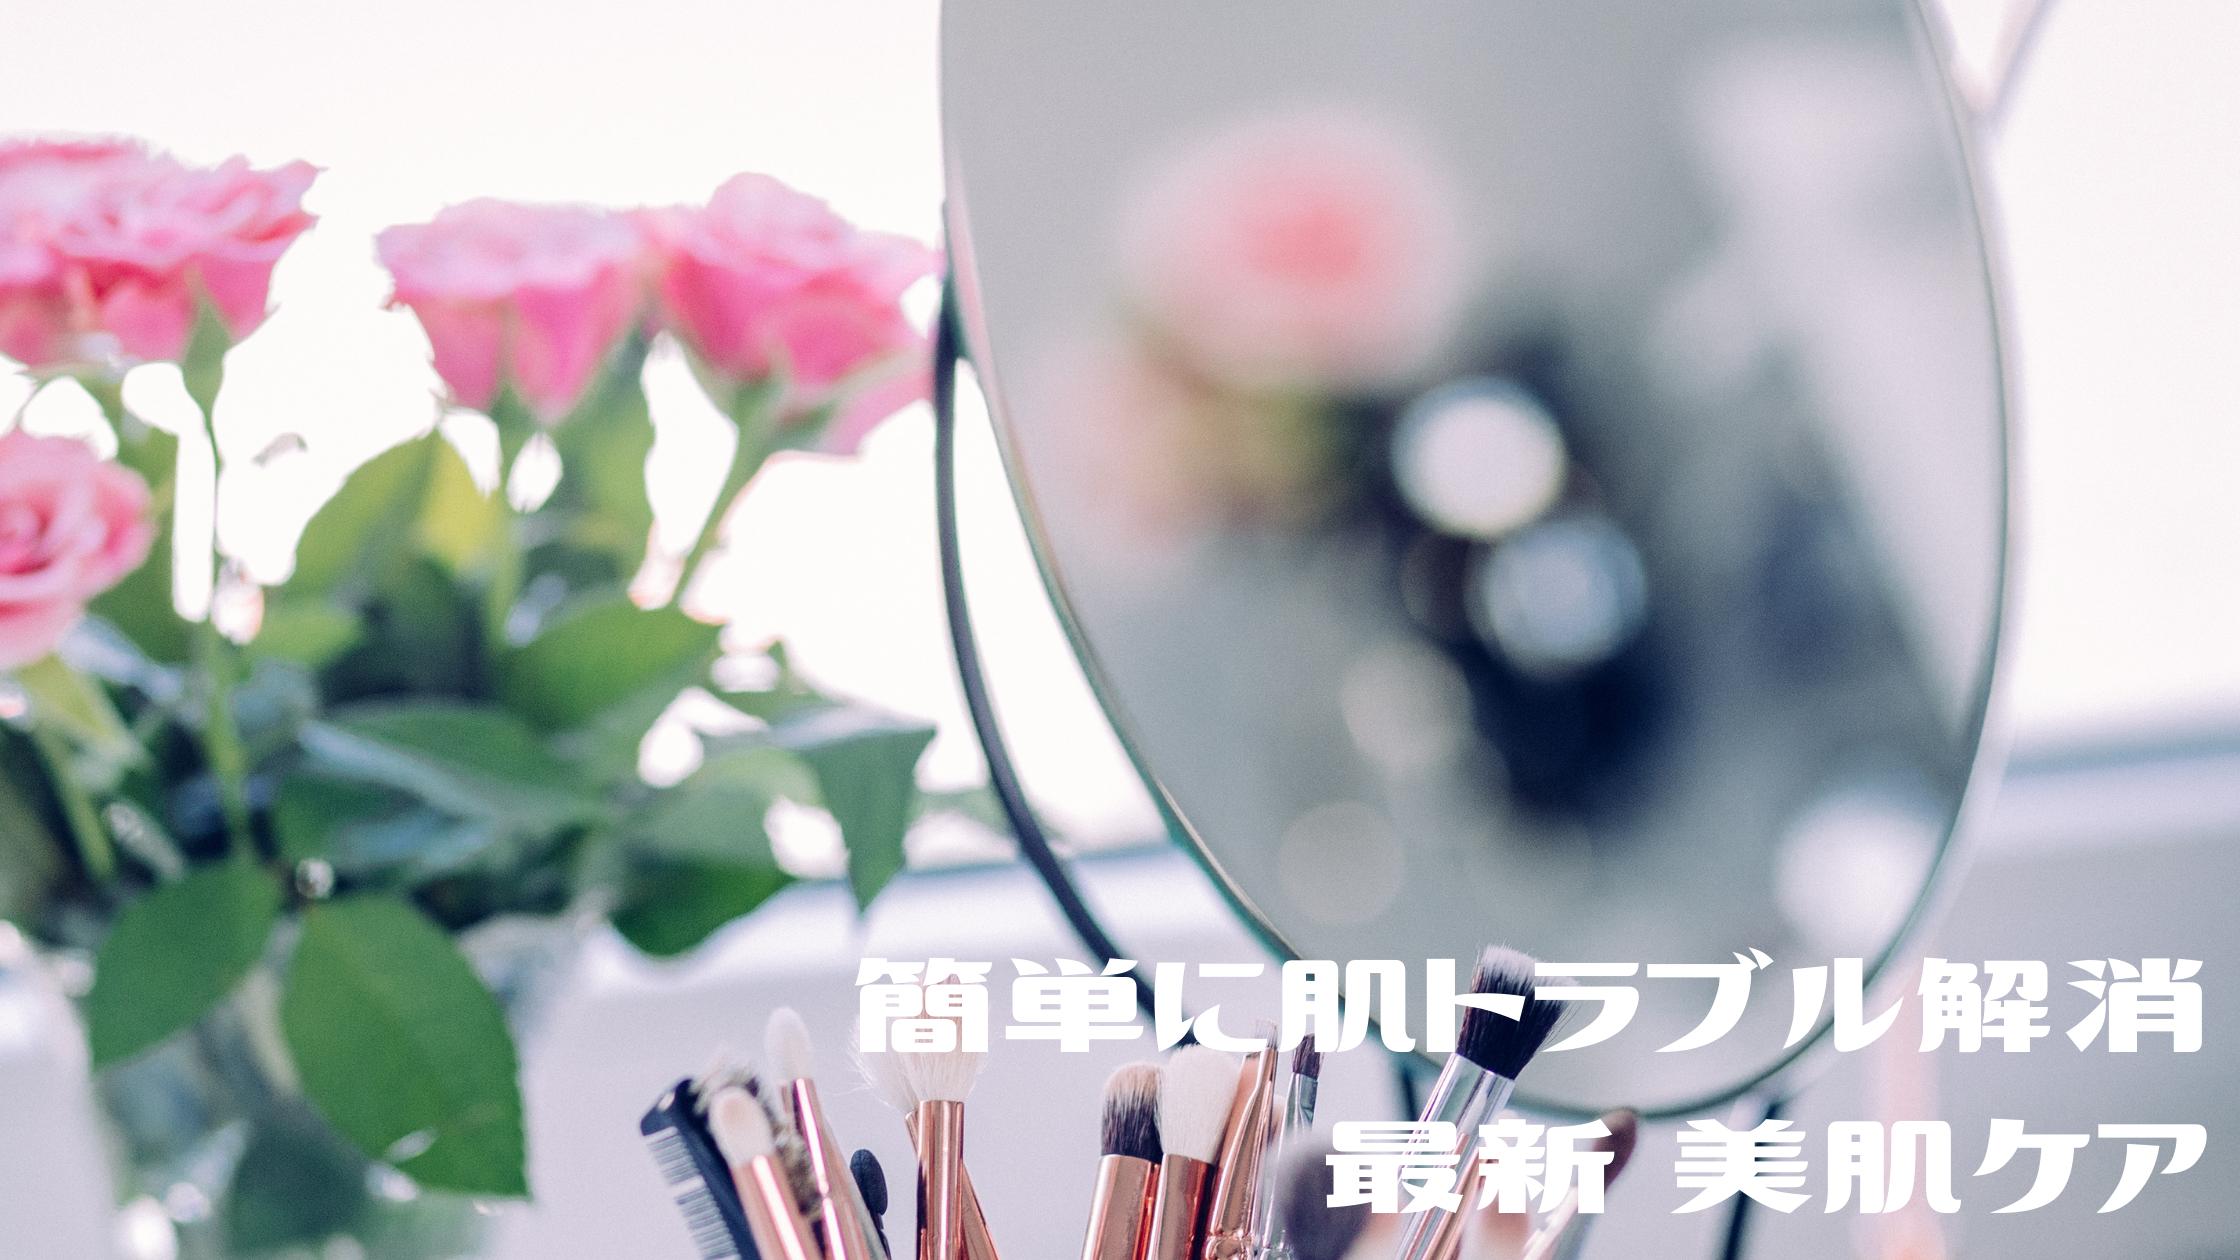 【最新 美容家電】おウチ時間を有意義に簡単に『美肌ケア』